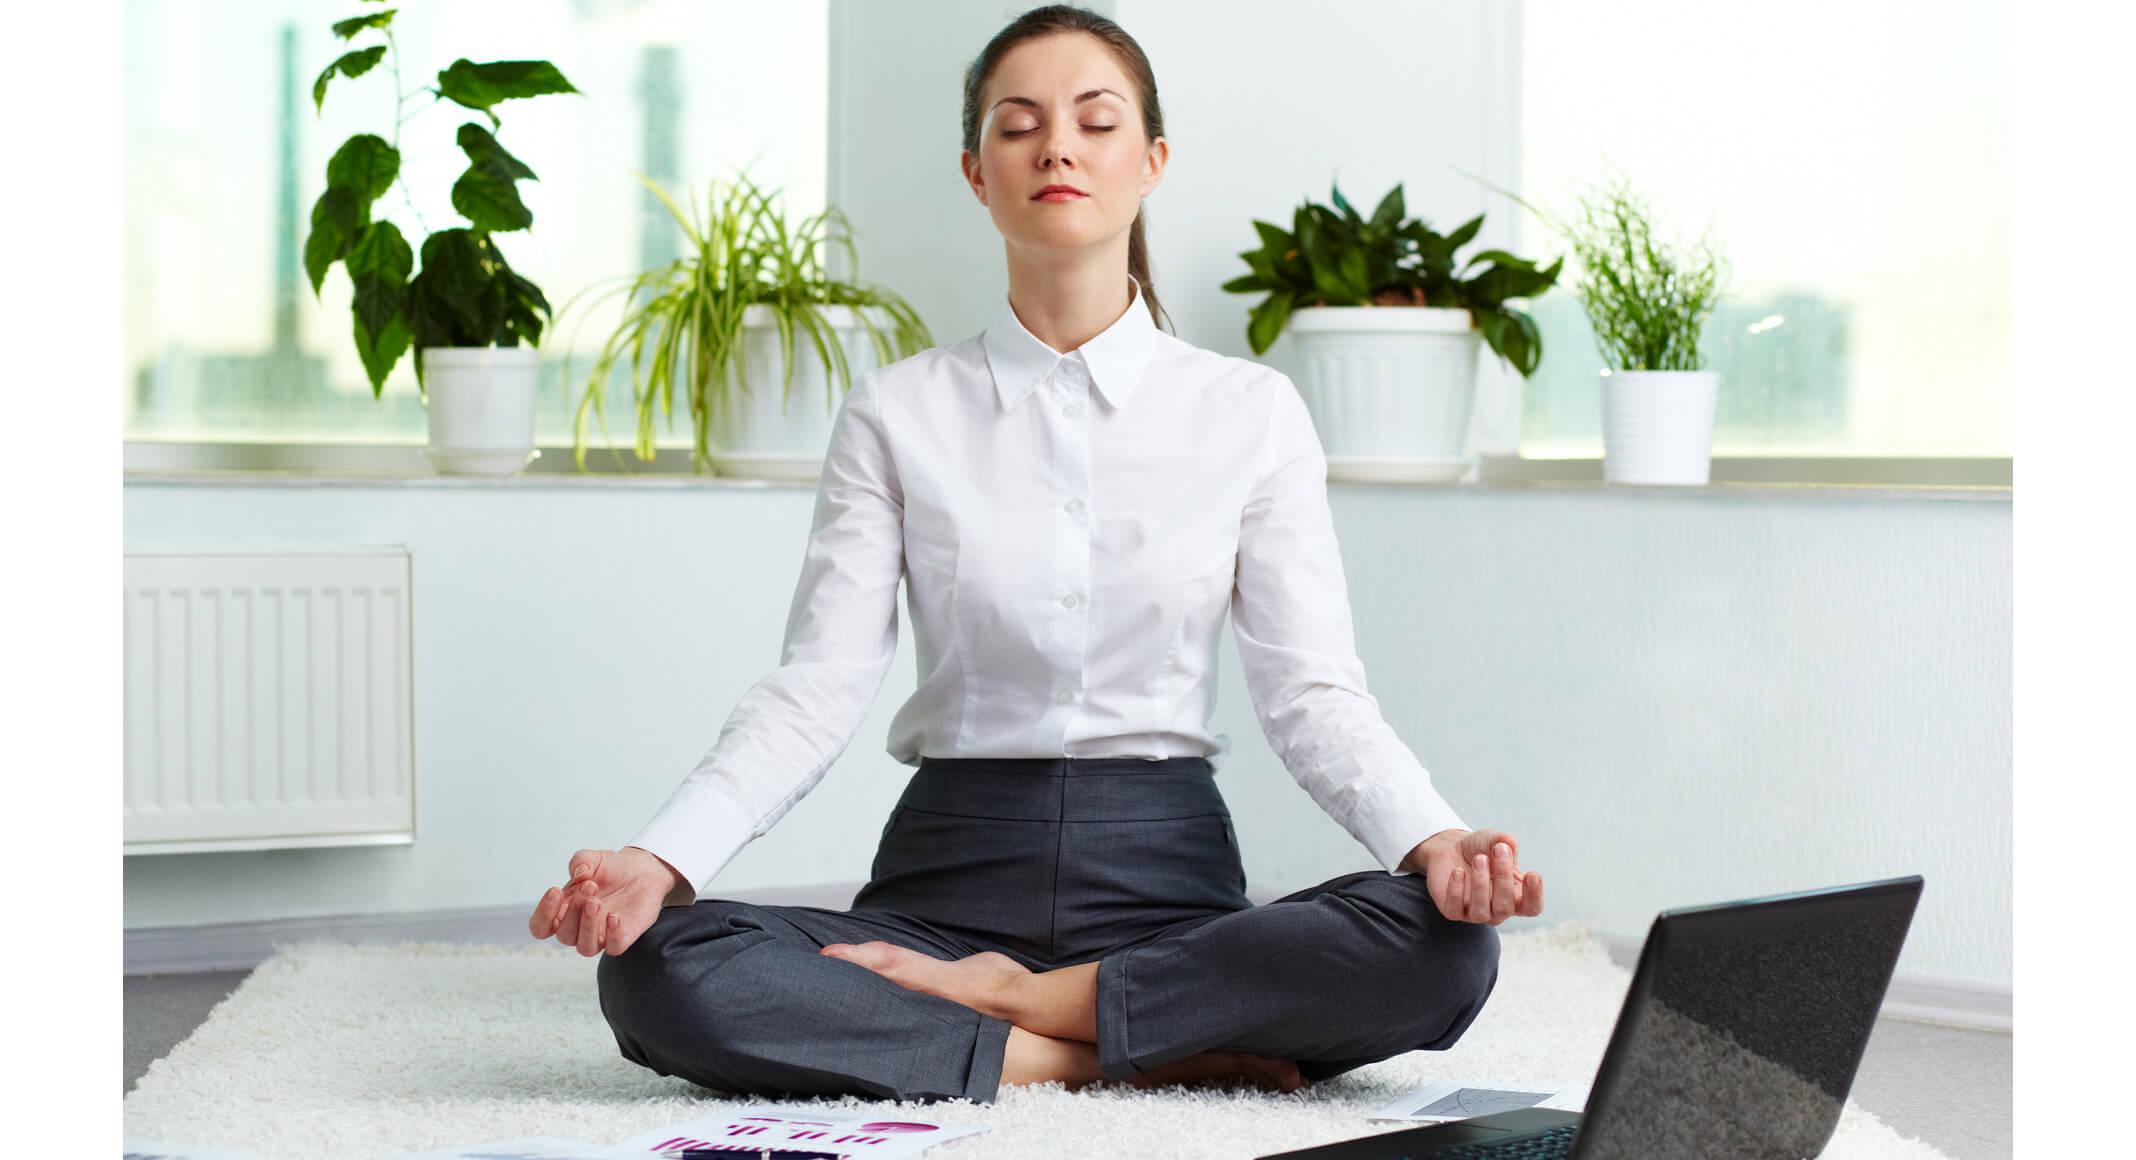 Mit-Meditation-in-die-innere-Mitte-Balance-zwischen-Aktivität-und-Passivität